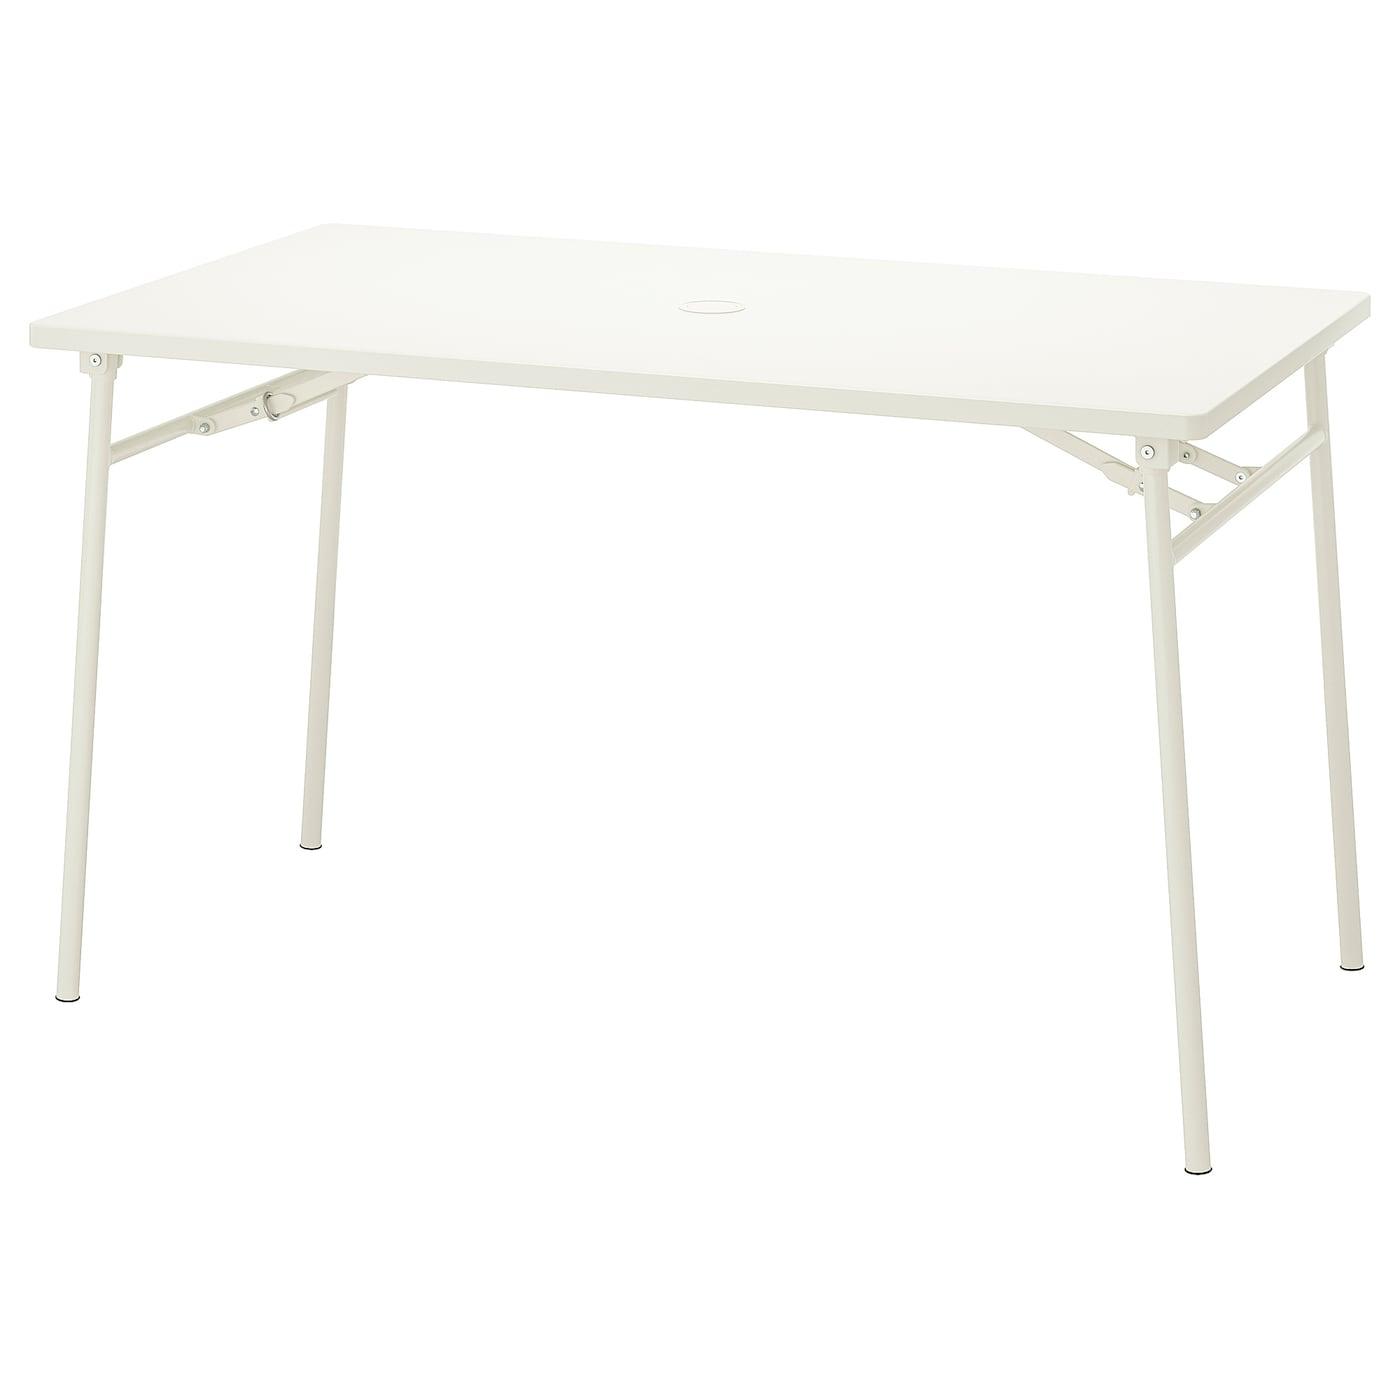 TORPARÖ トルパロー テーブル 屋外用